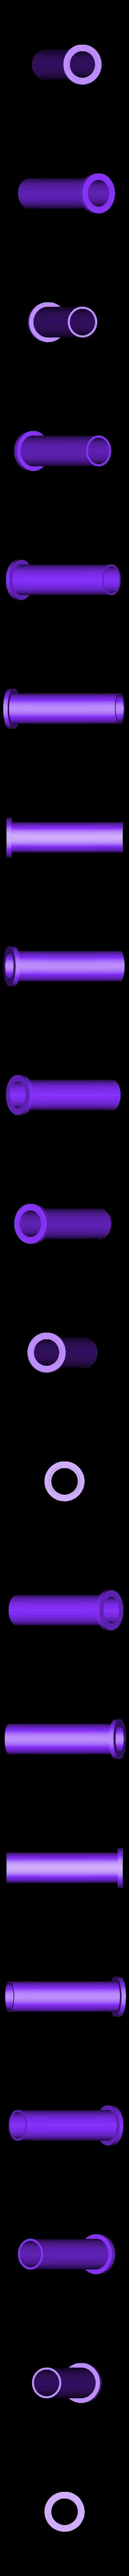 Extensi%C3%B3n_Portafilamento_Ender3.stl Download free STL file Ender 3 filament holder extension • 3D printable design, PilotDog